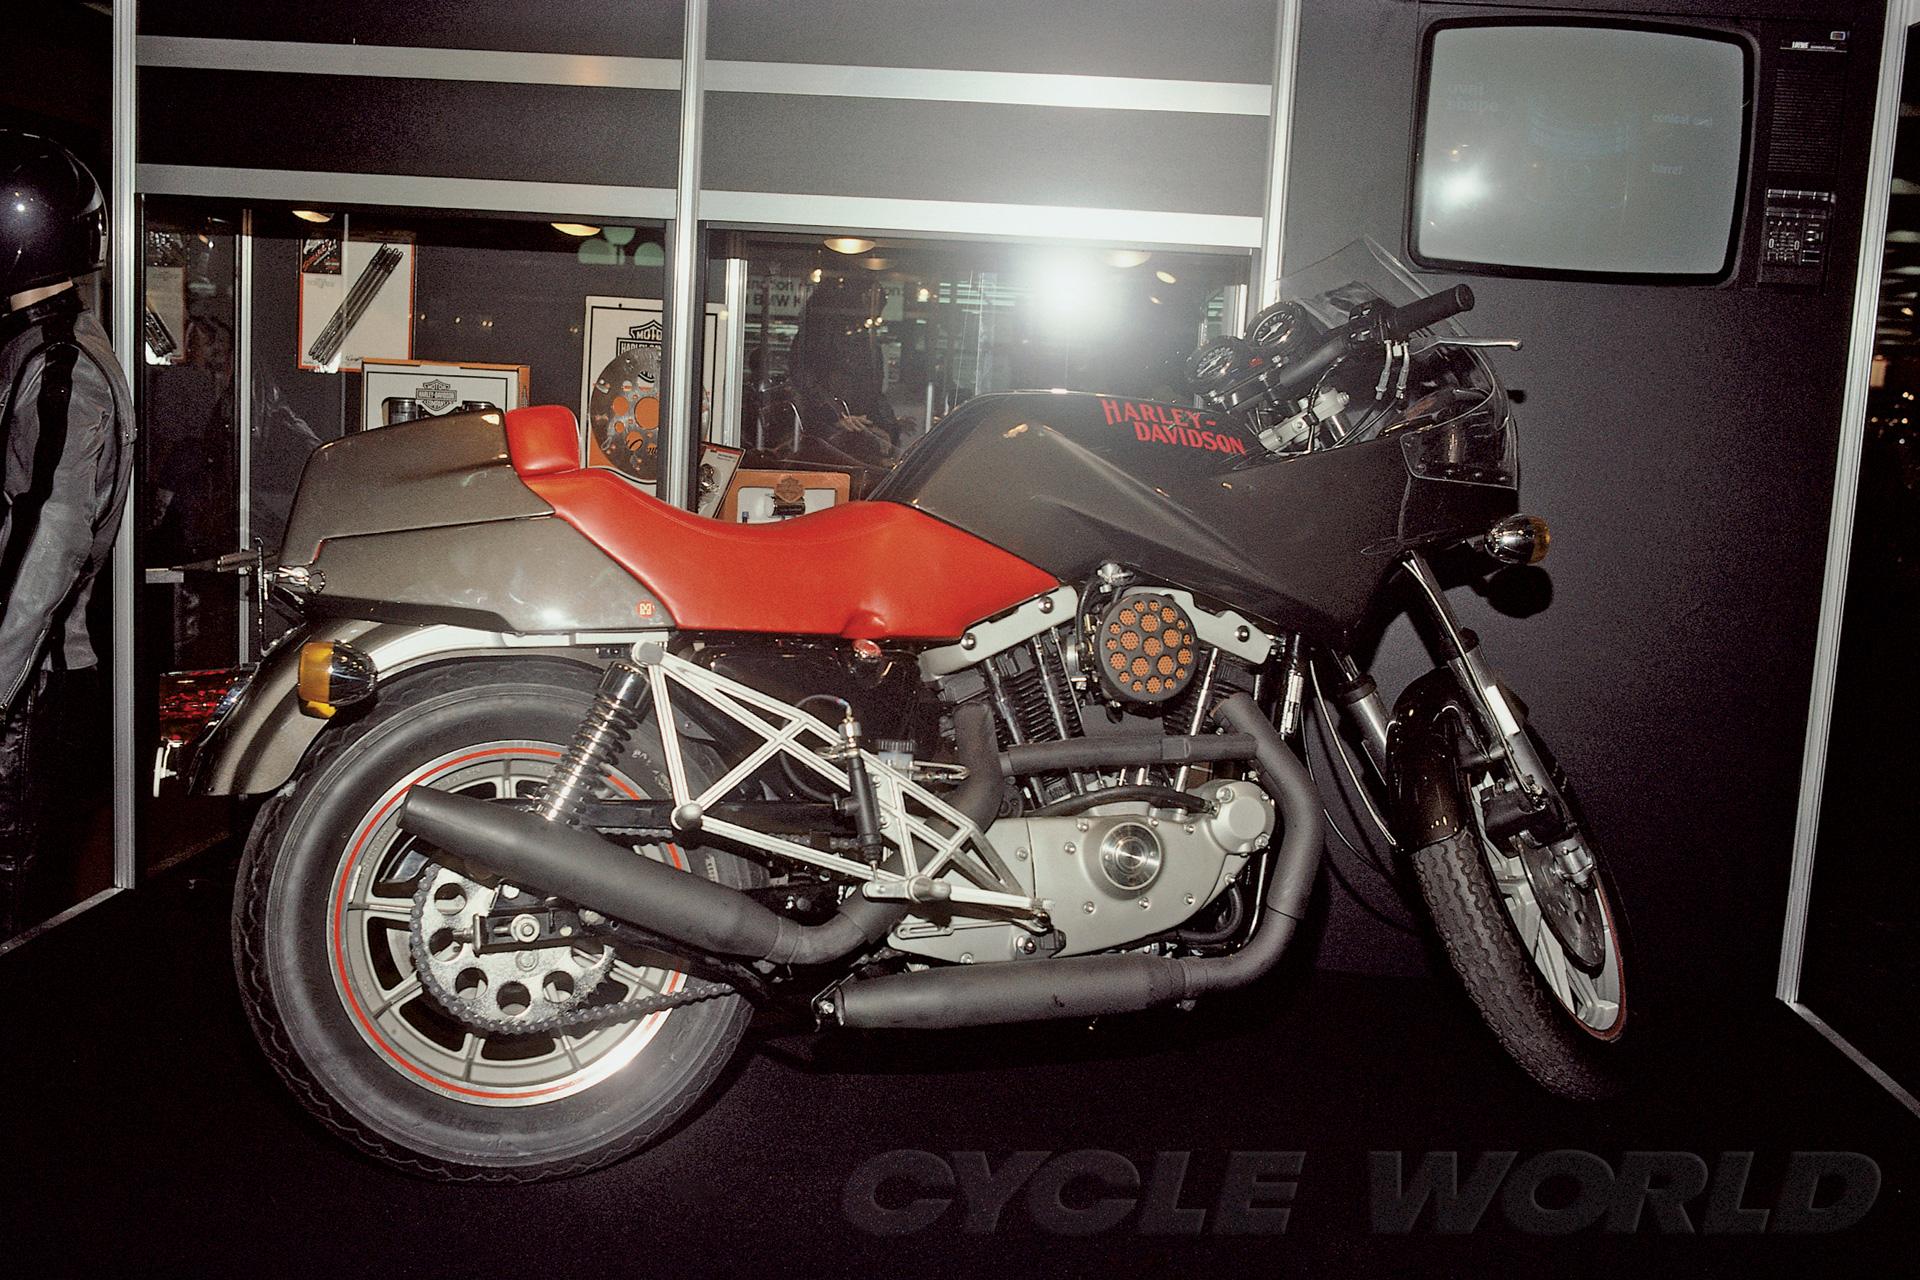 Harley-Davidson Cafe Racer